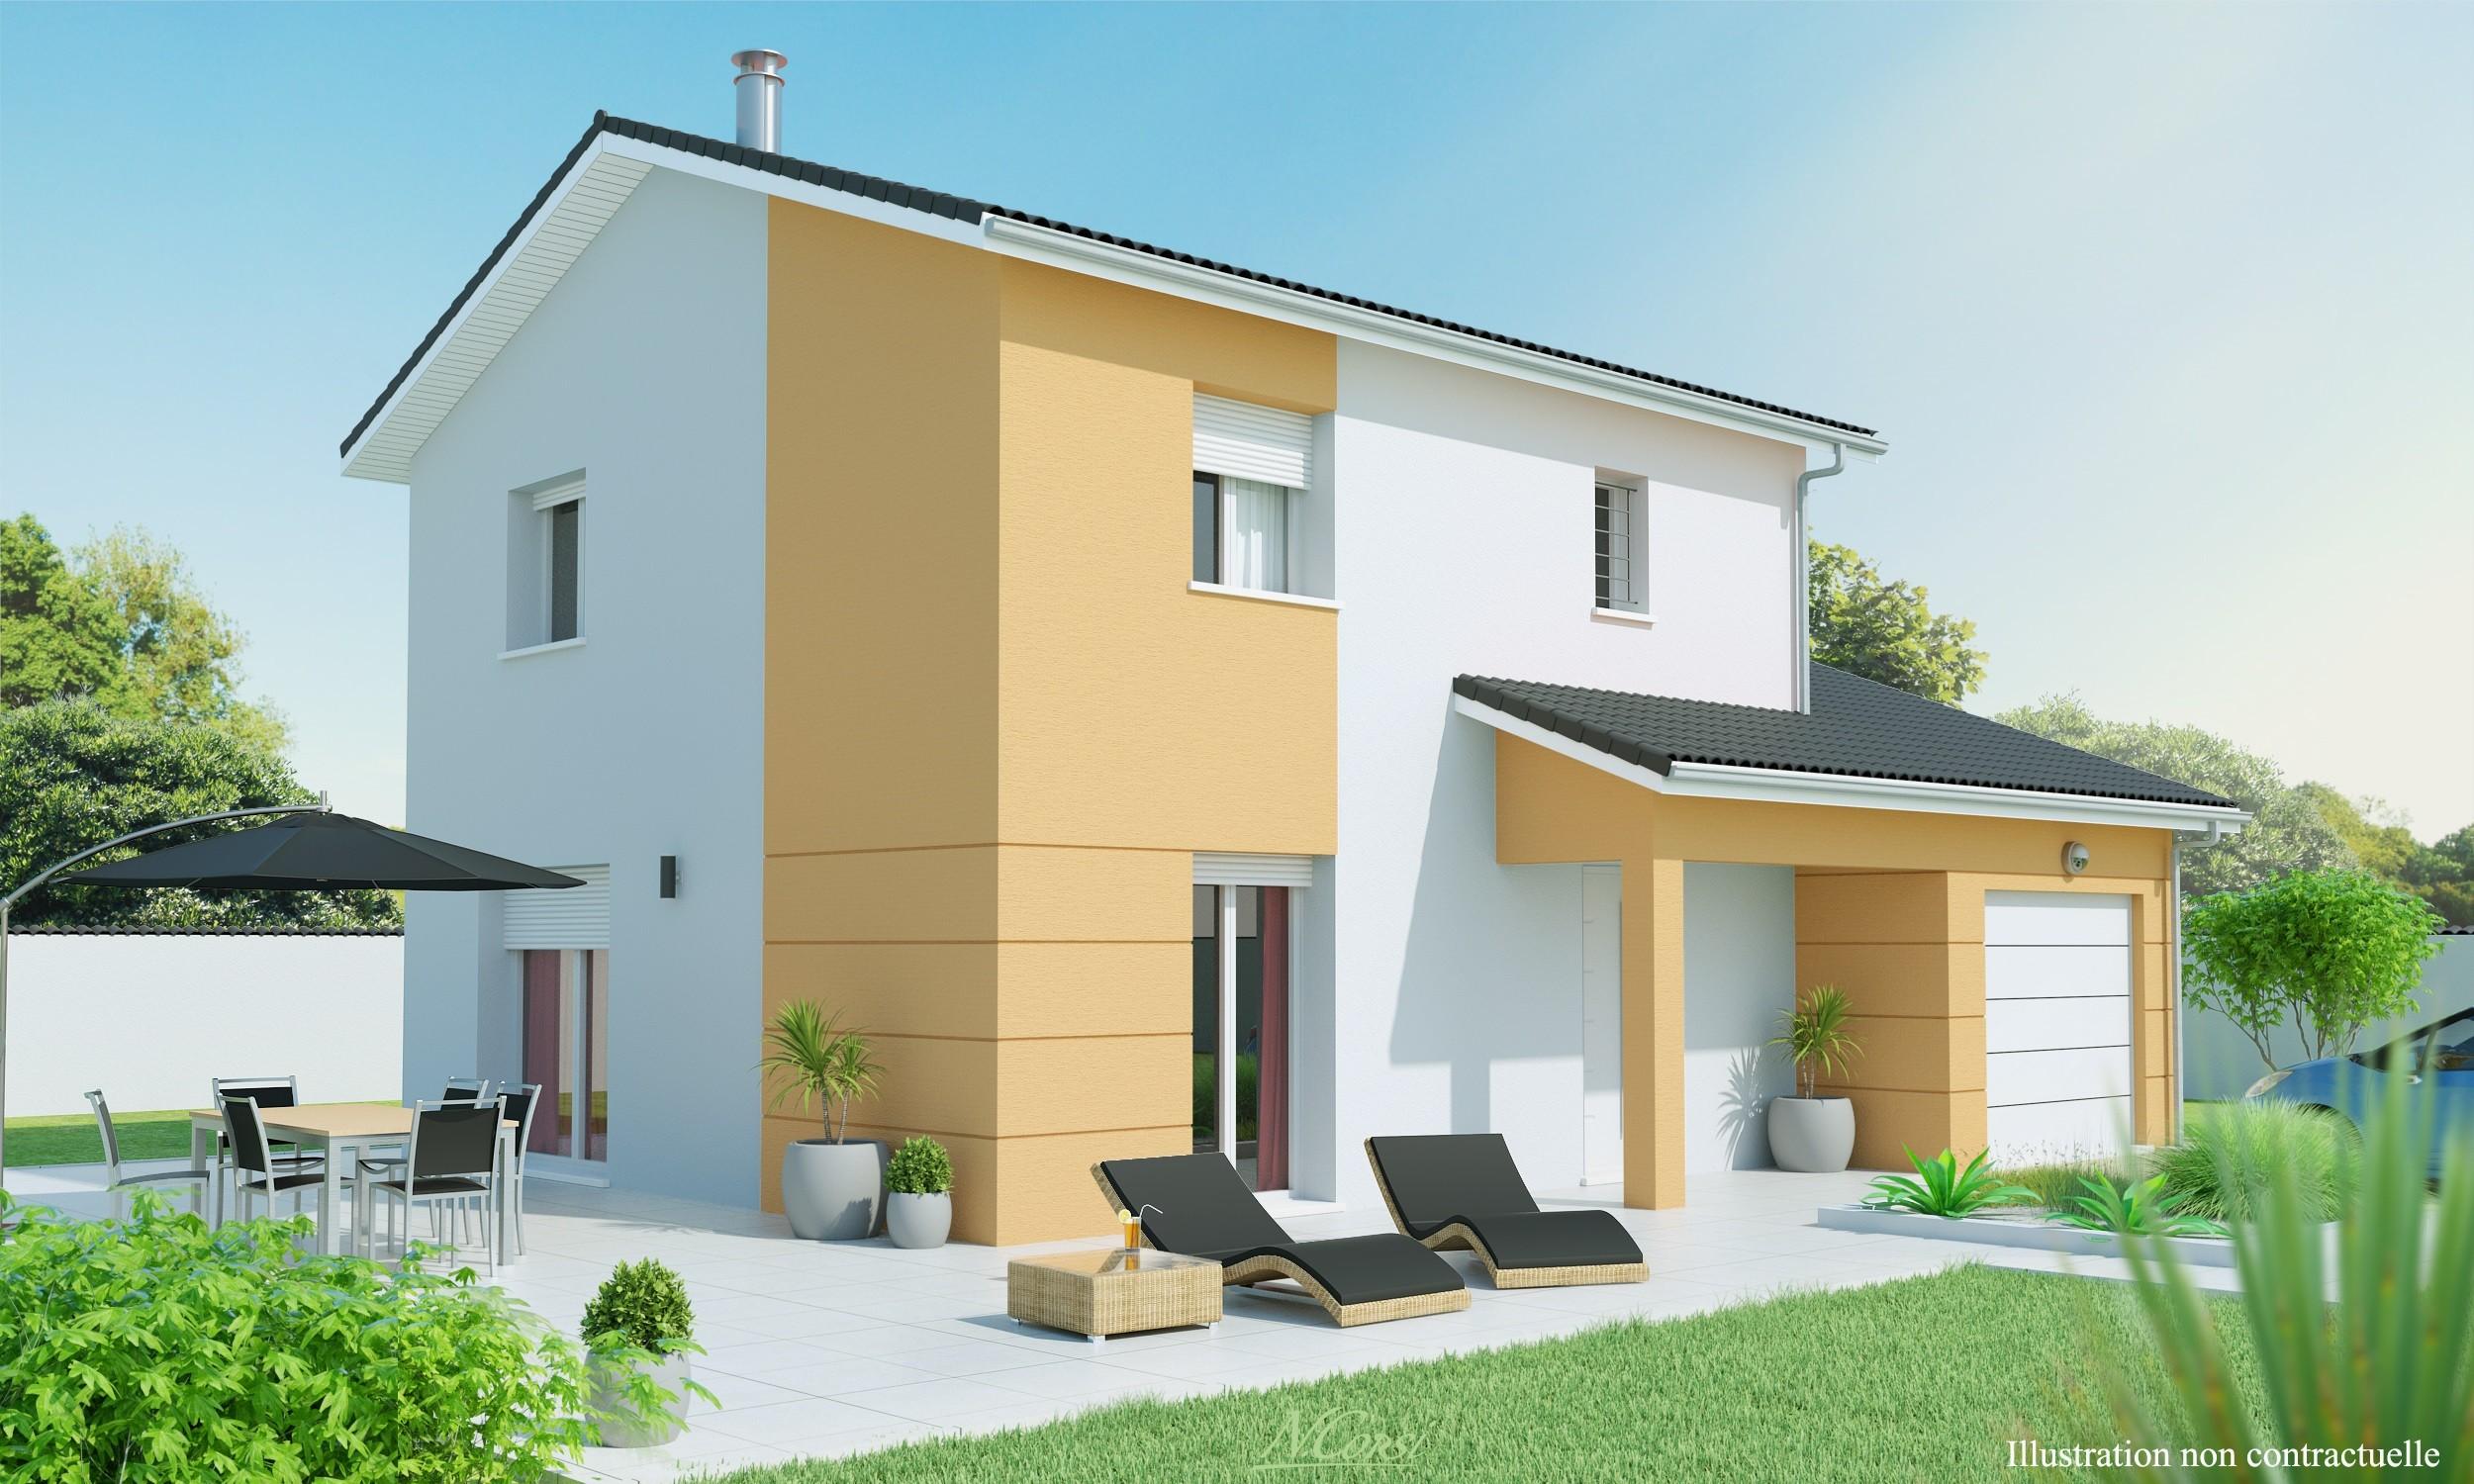 Maisons + Terrains du constructeur MAISONS AXIAL • 91 m² • TARARE